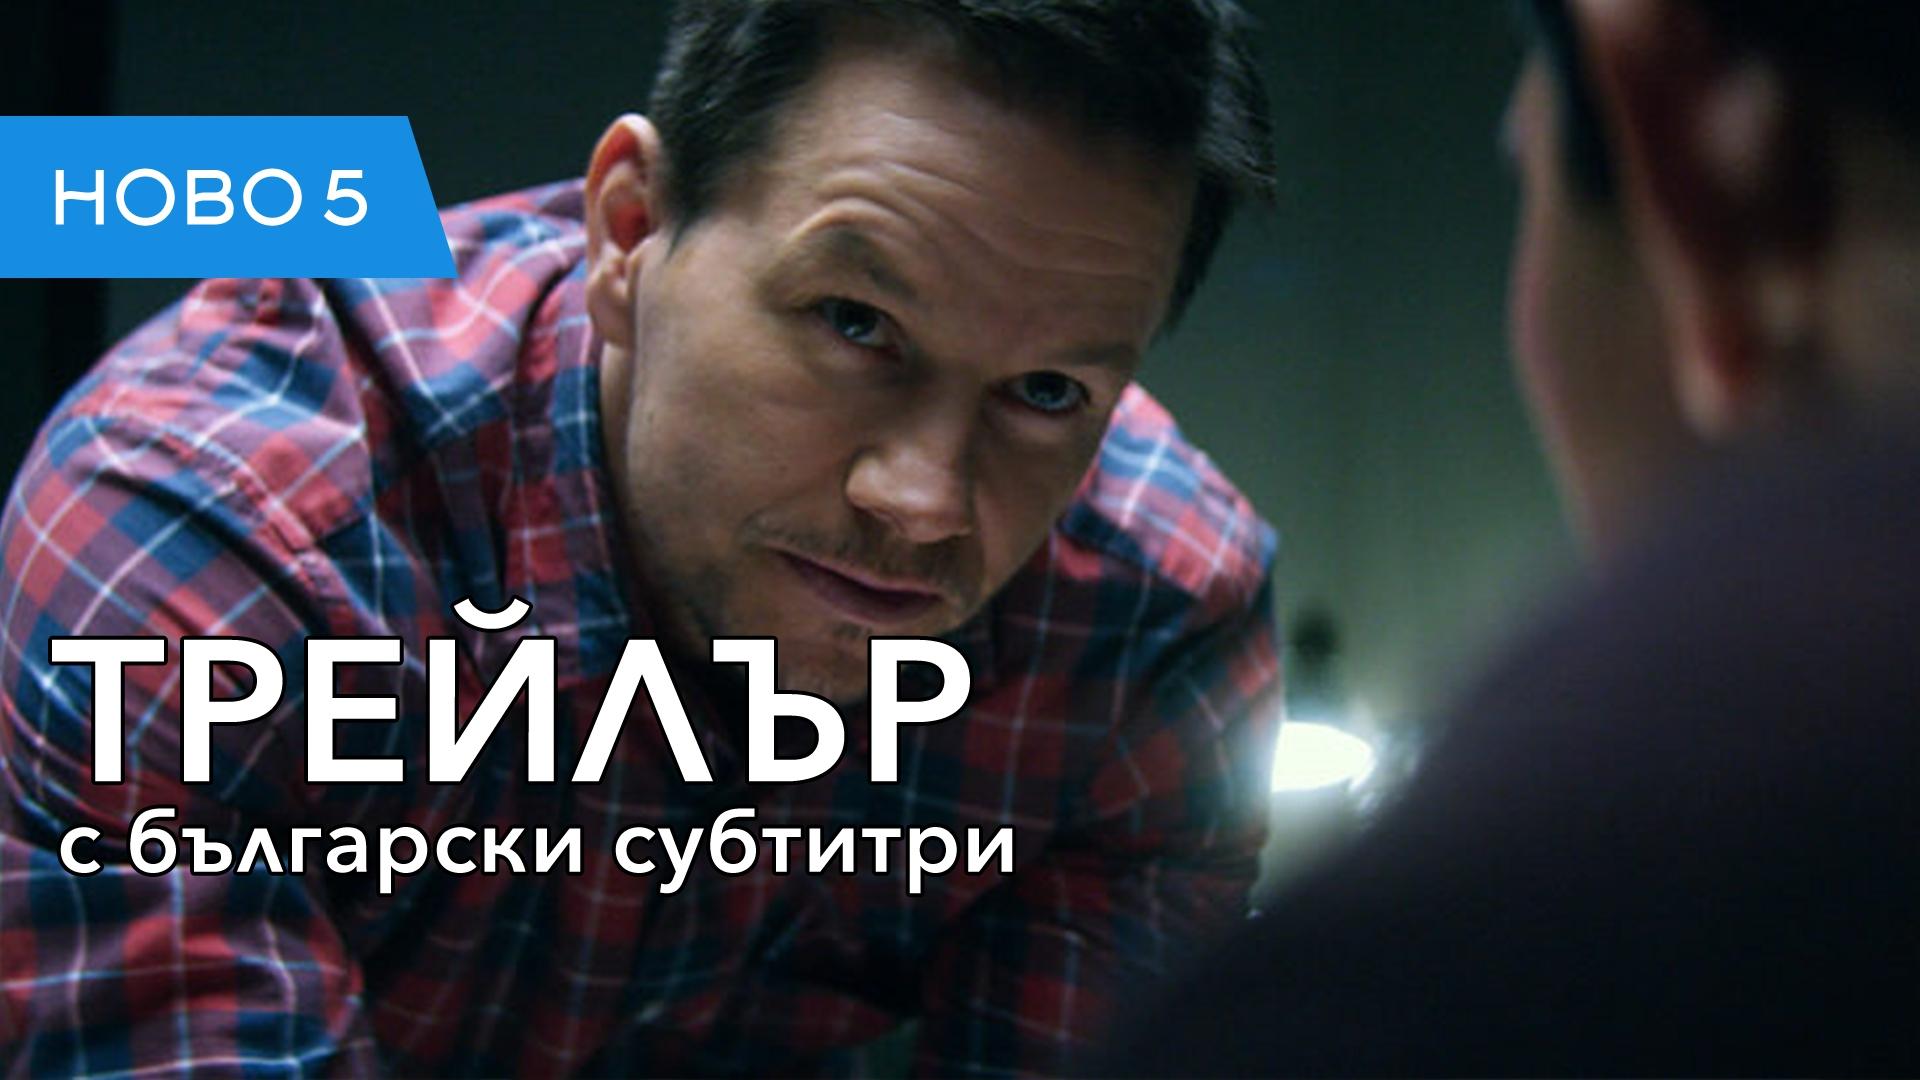 22ра МИЛЯ (2018) трейлър с български субтитри